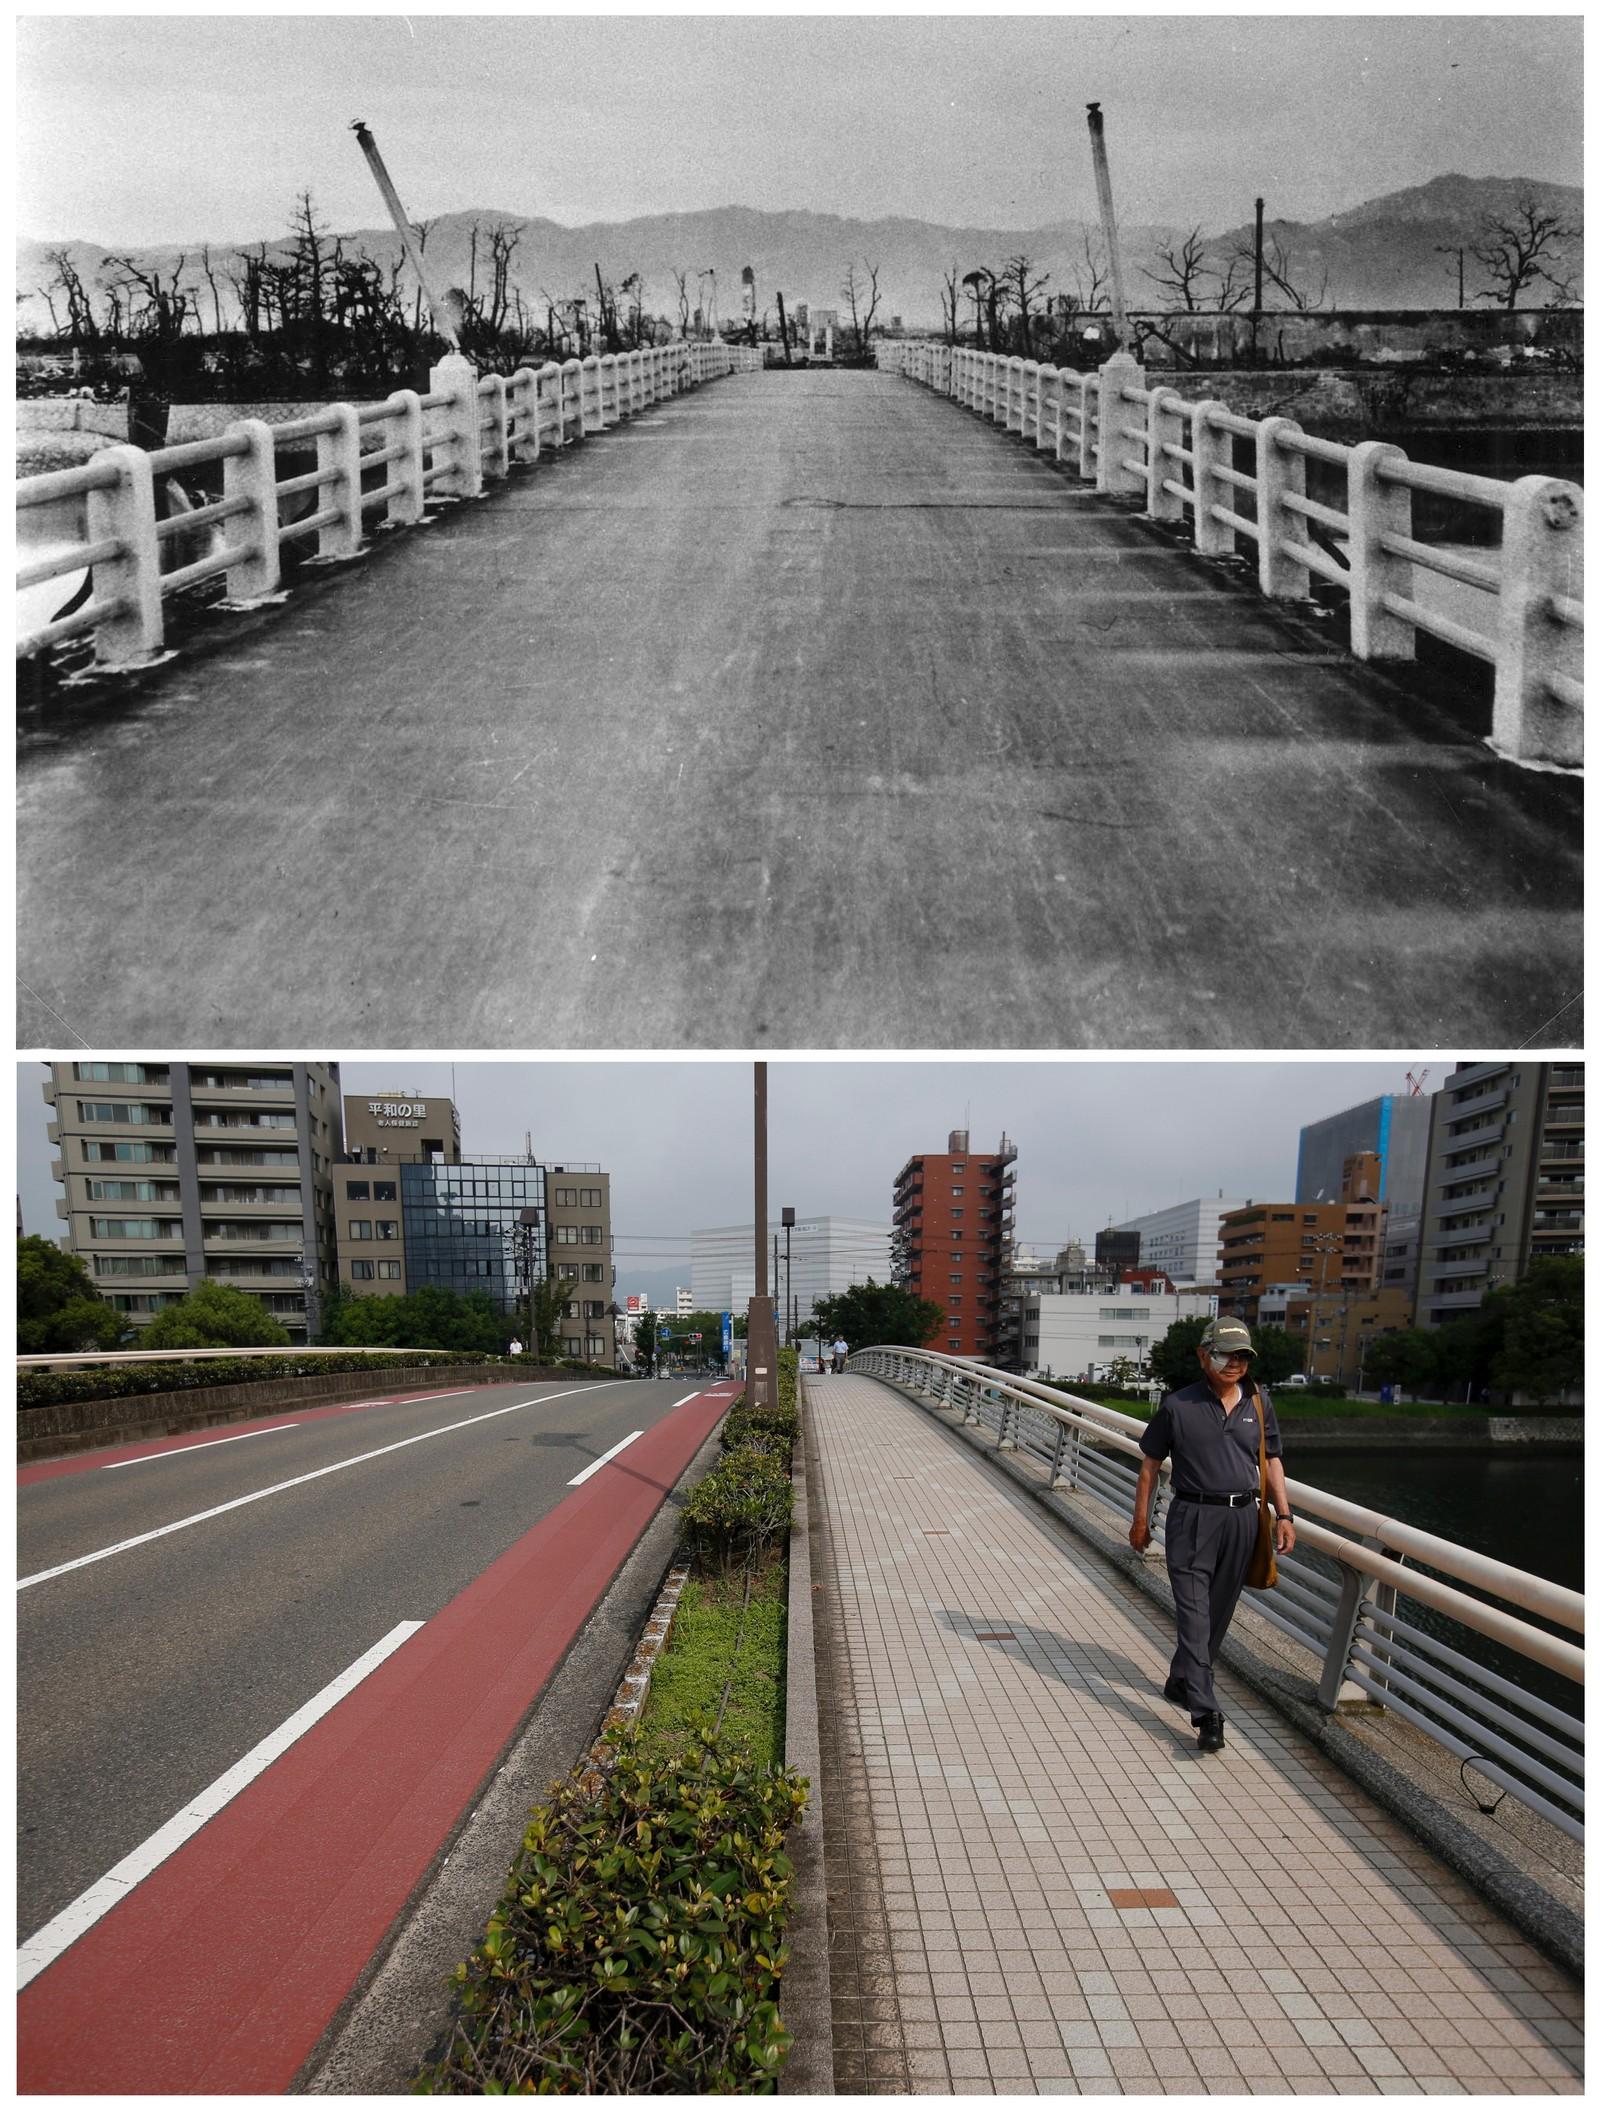 Et før - og nå-bilde av en bro i den japanske byen Hiroshima. Byen var den første som ble truffet av en atombombe på slutten av andre verdenskrig for 70 år siden.